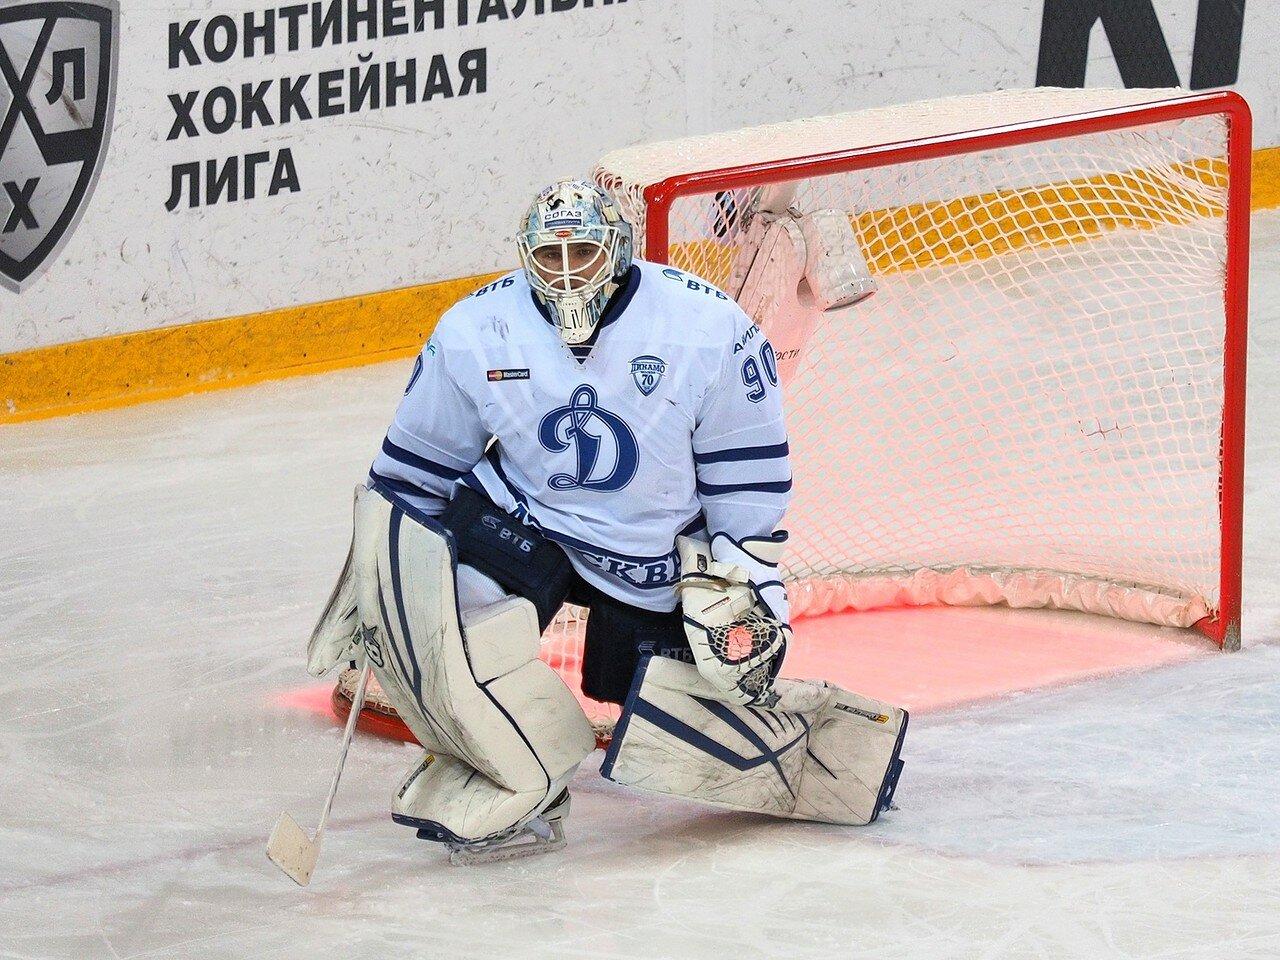 79Металлург - Динамо Москва 21.11.2016